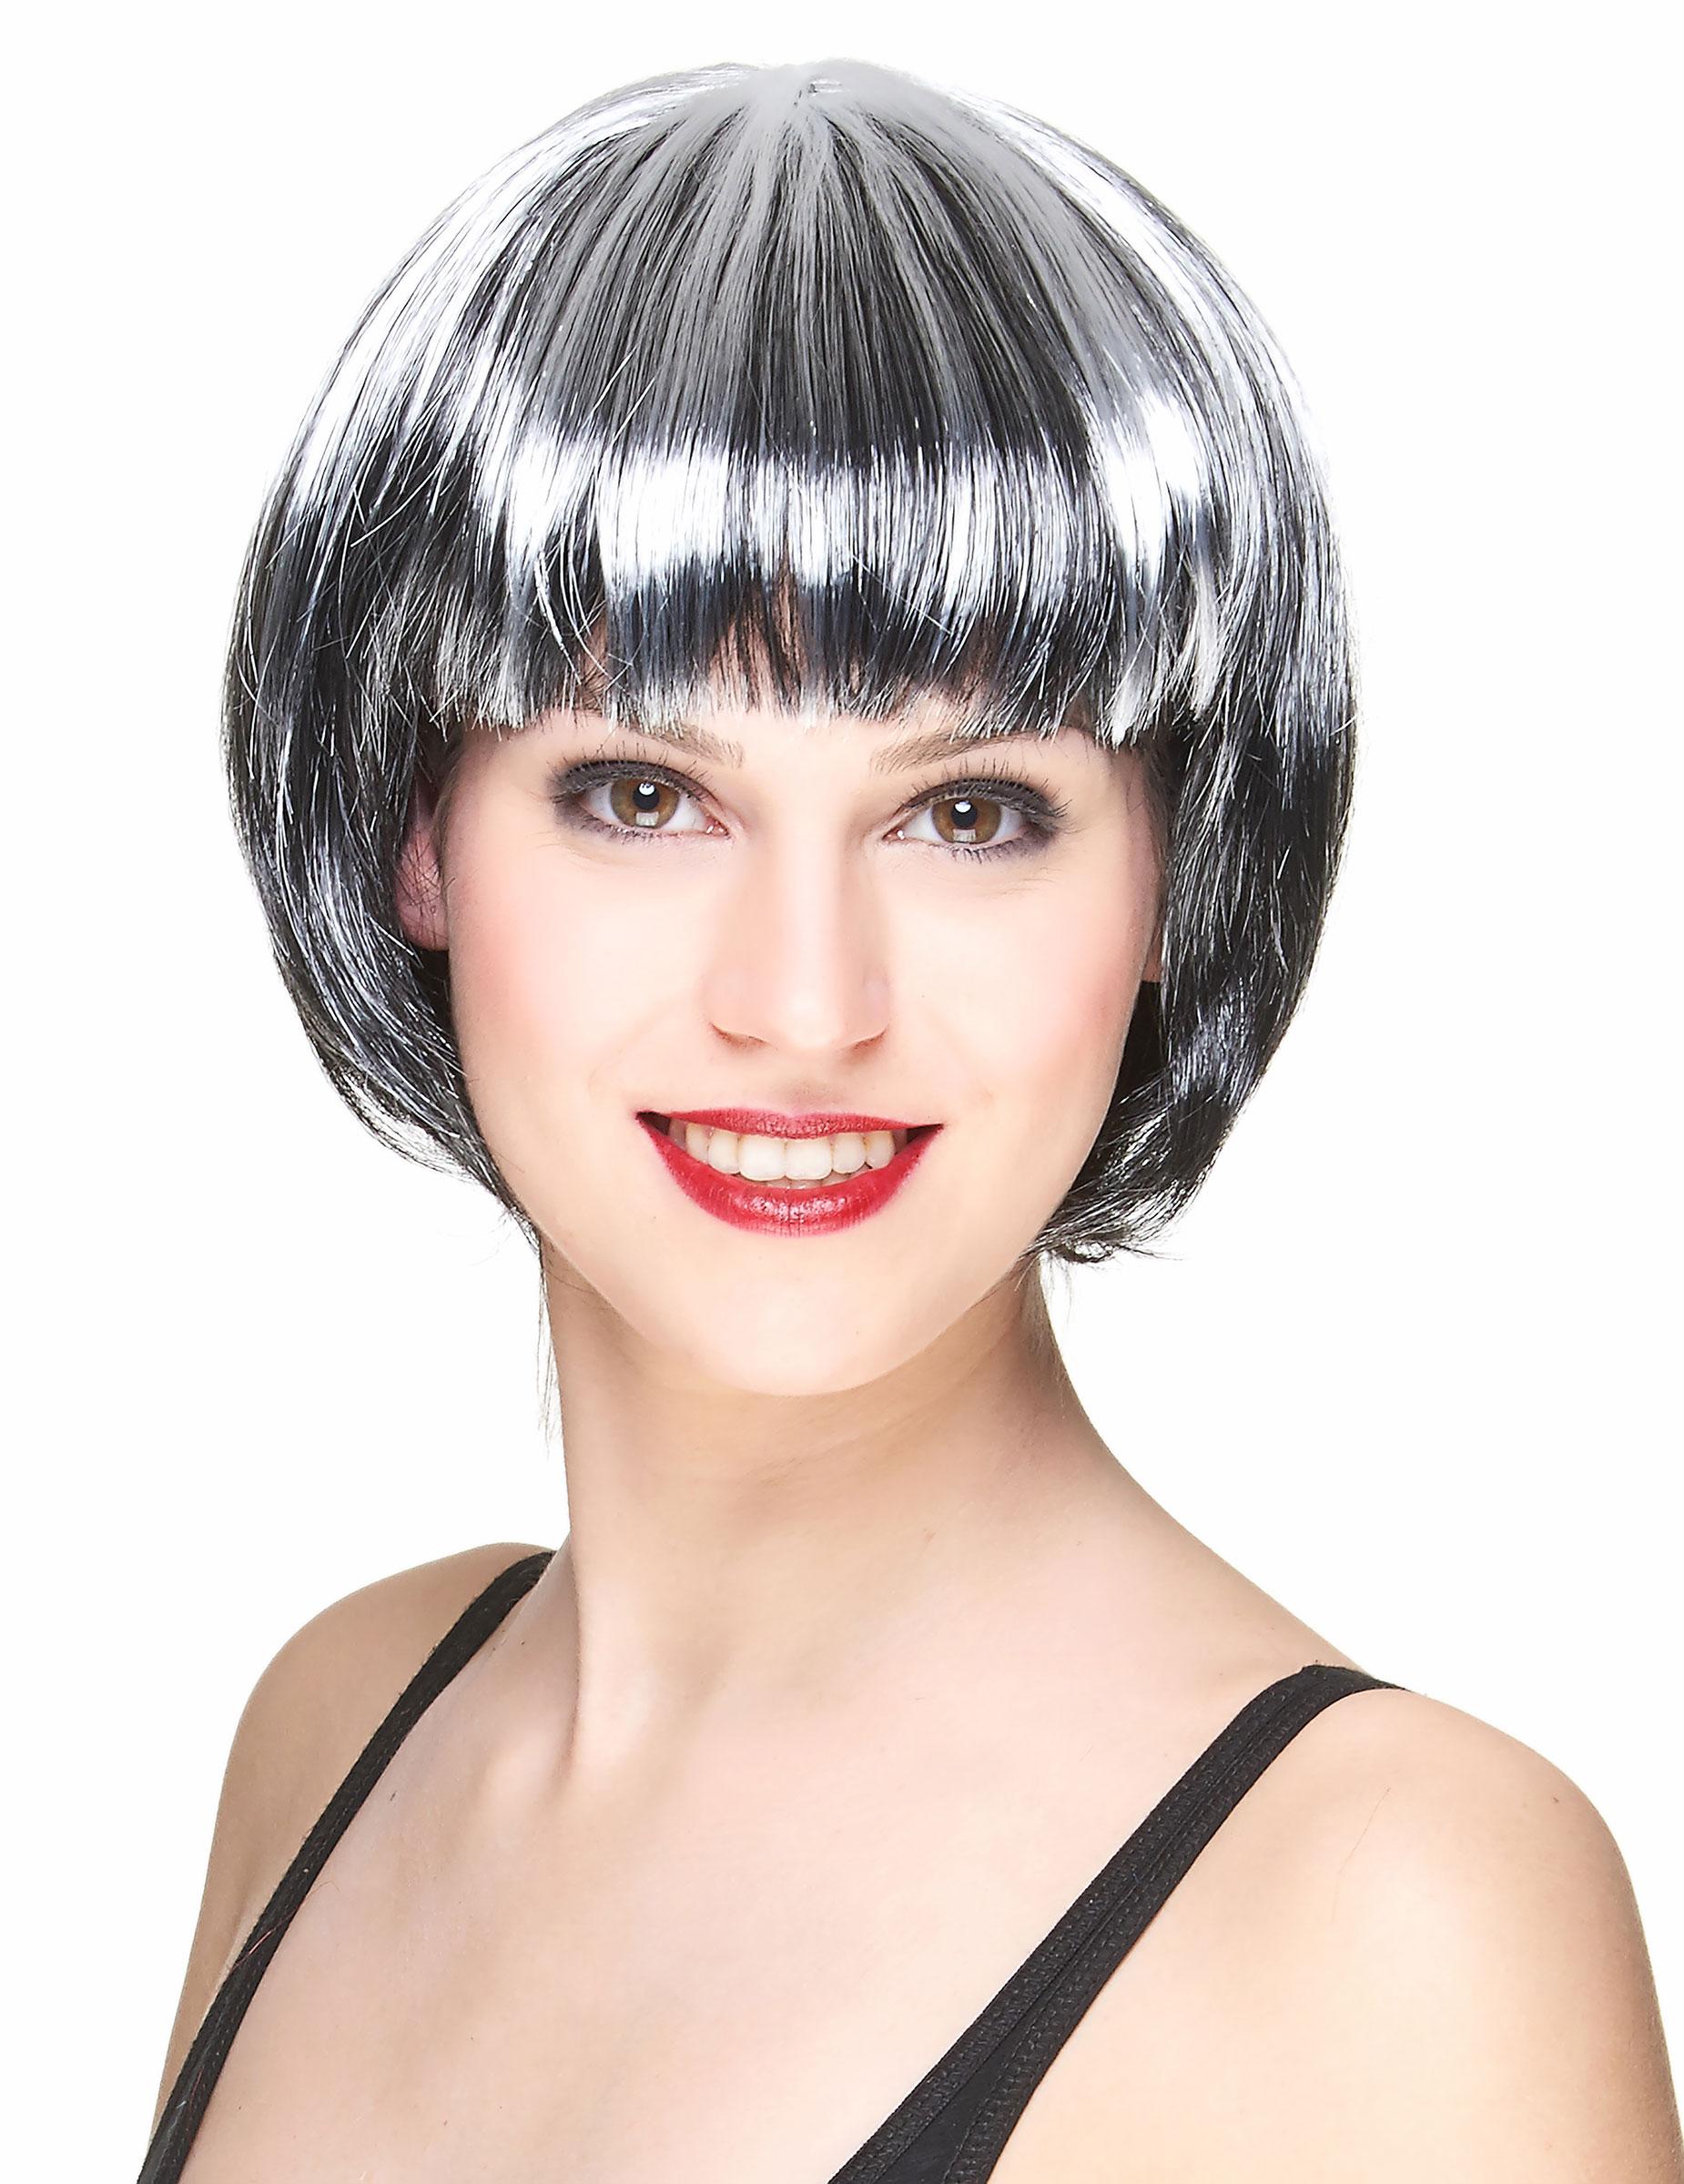 Perruque carré noir et blanc femme, achat de Perruques sur VegaooPro, grossiste en déguisements